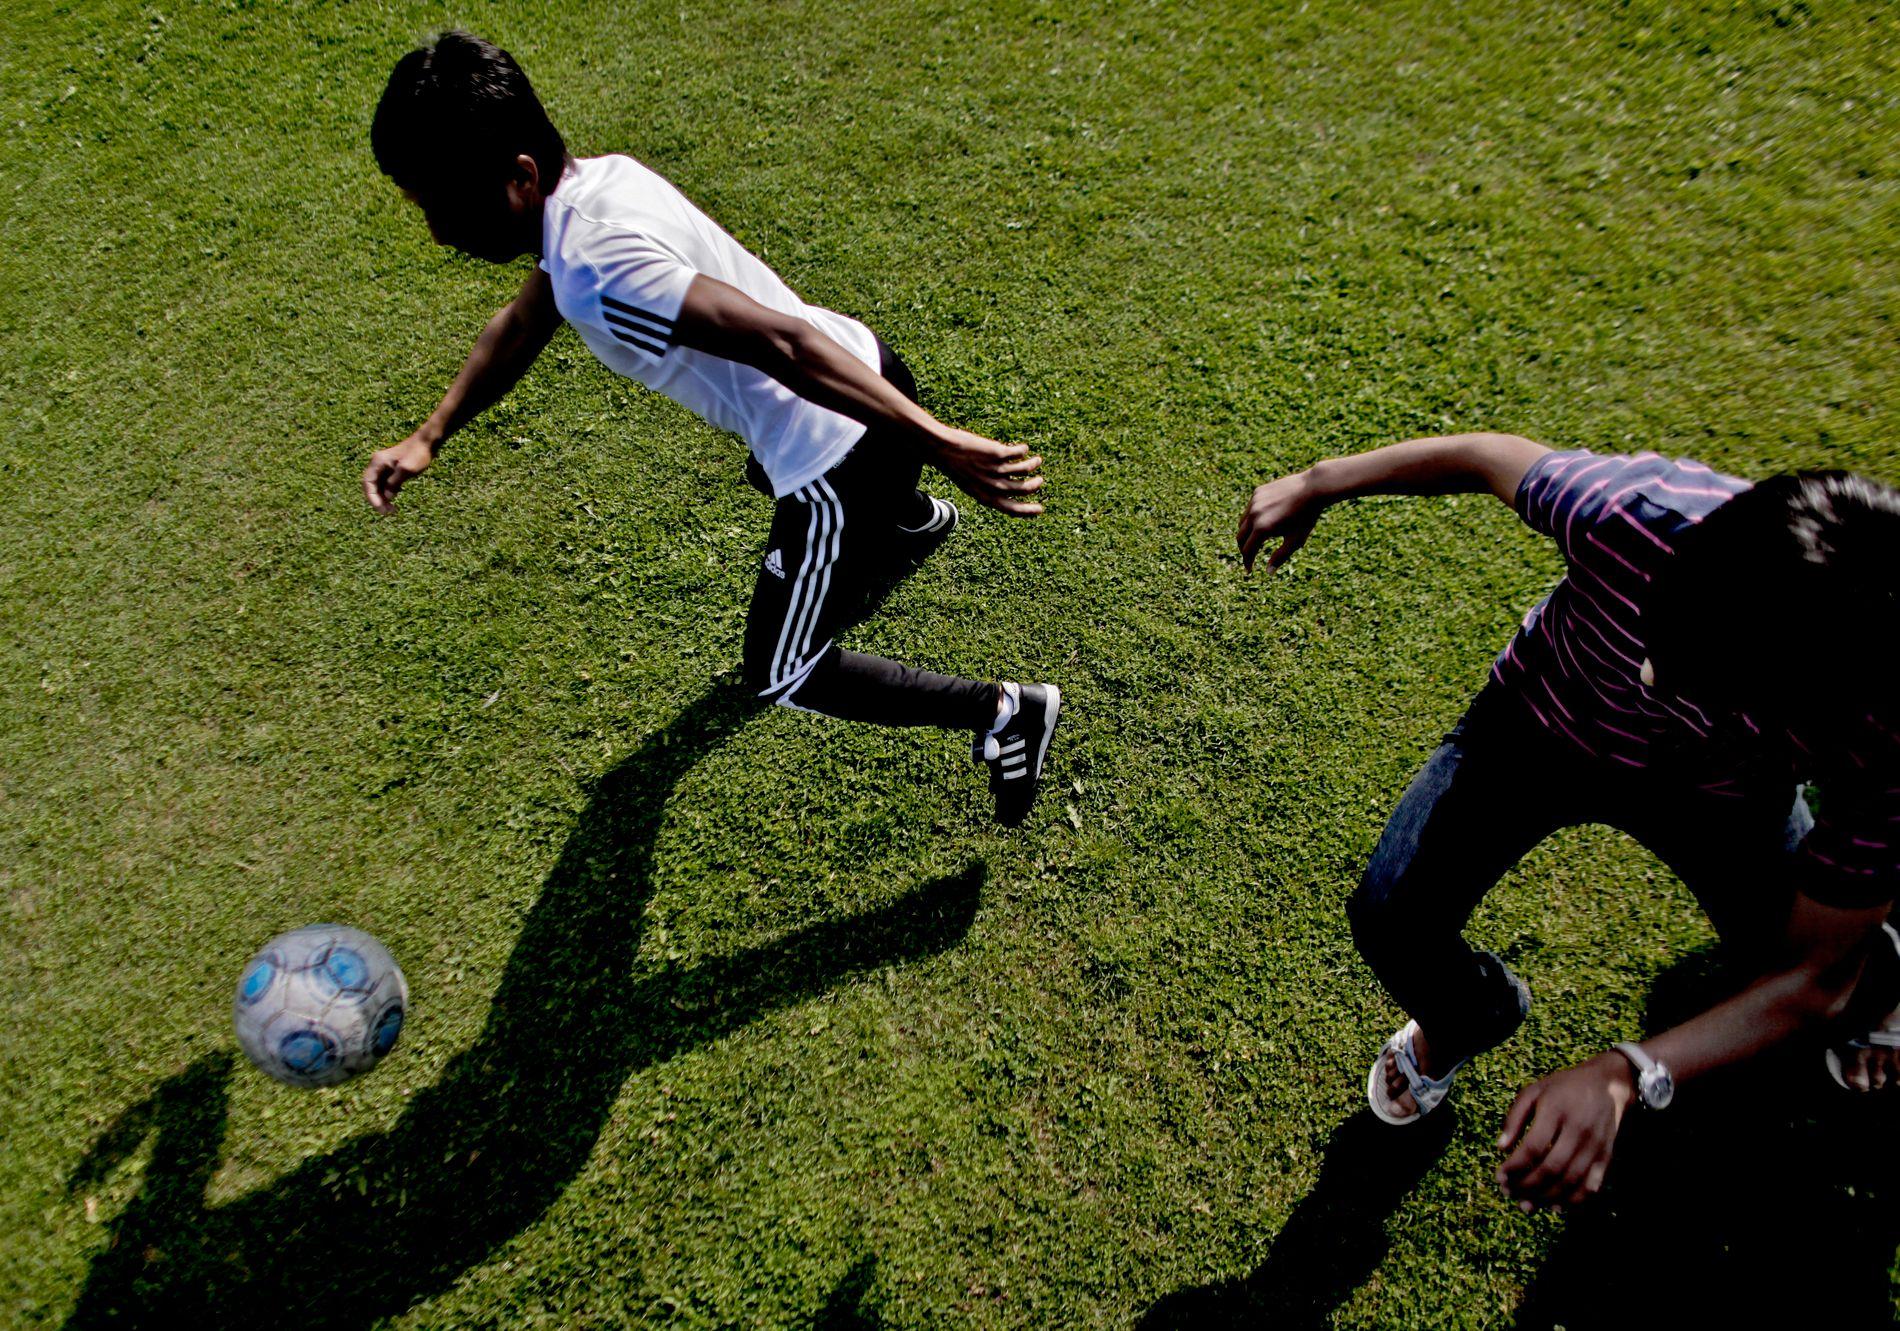 VENTER I MOTTAK: Det er nå 302 enslige mindreårige asylsøkere i norske mottak som bare har opphold til de fyller 18 år. Og nær halvparten av dem når den skjebnesvangre 18-årsdagen i høst.